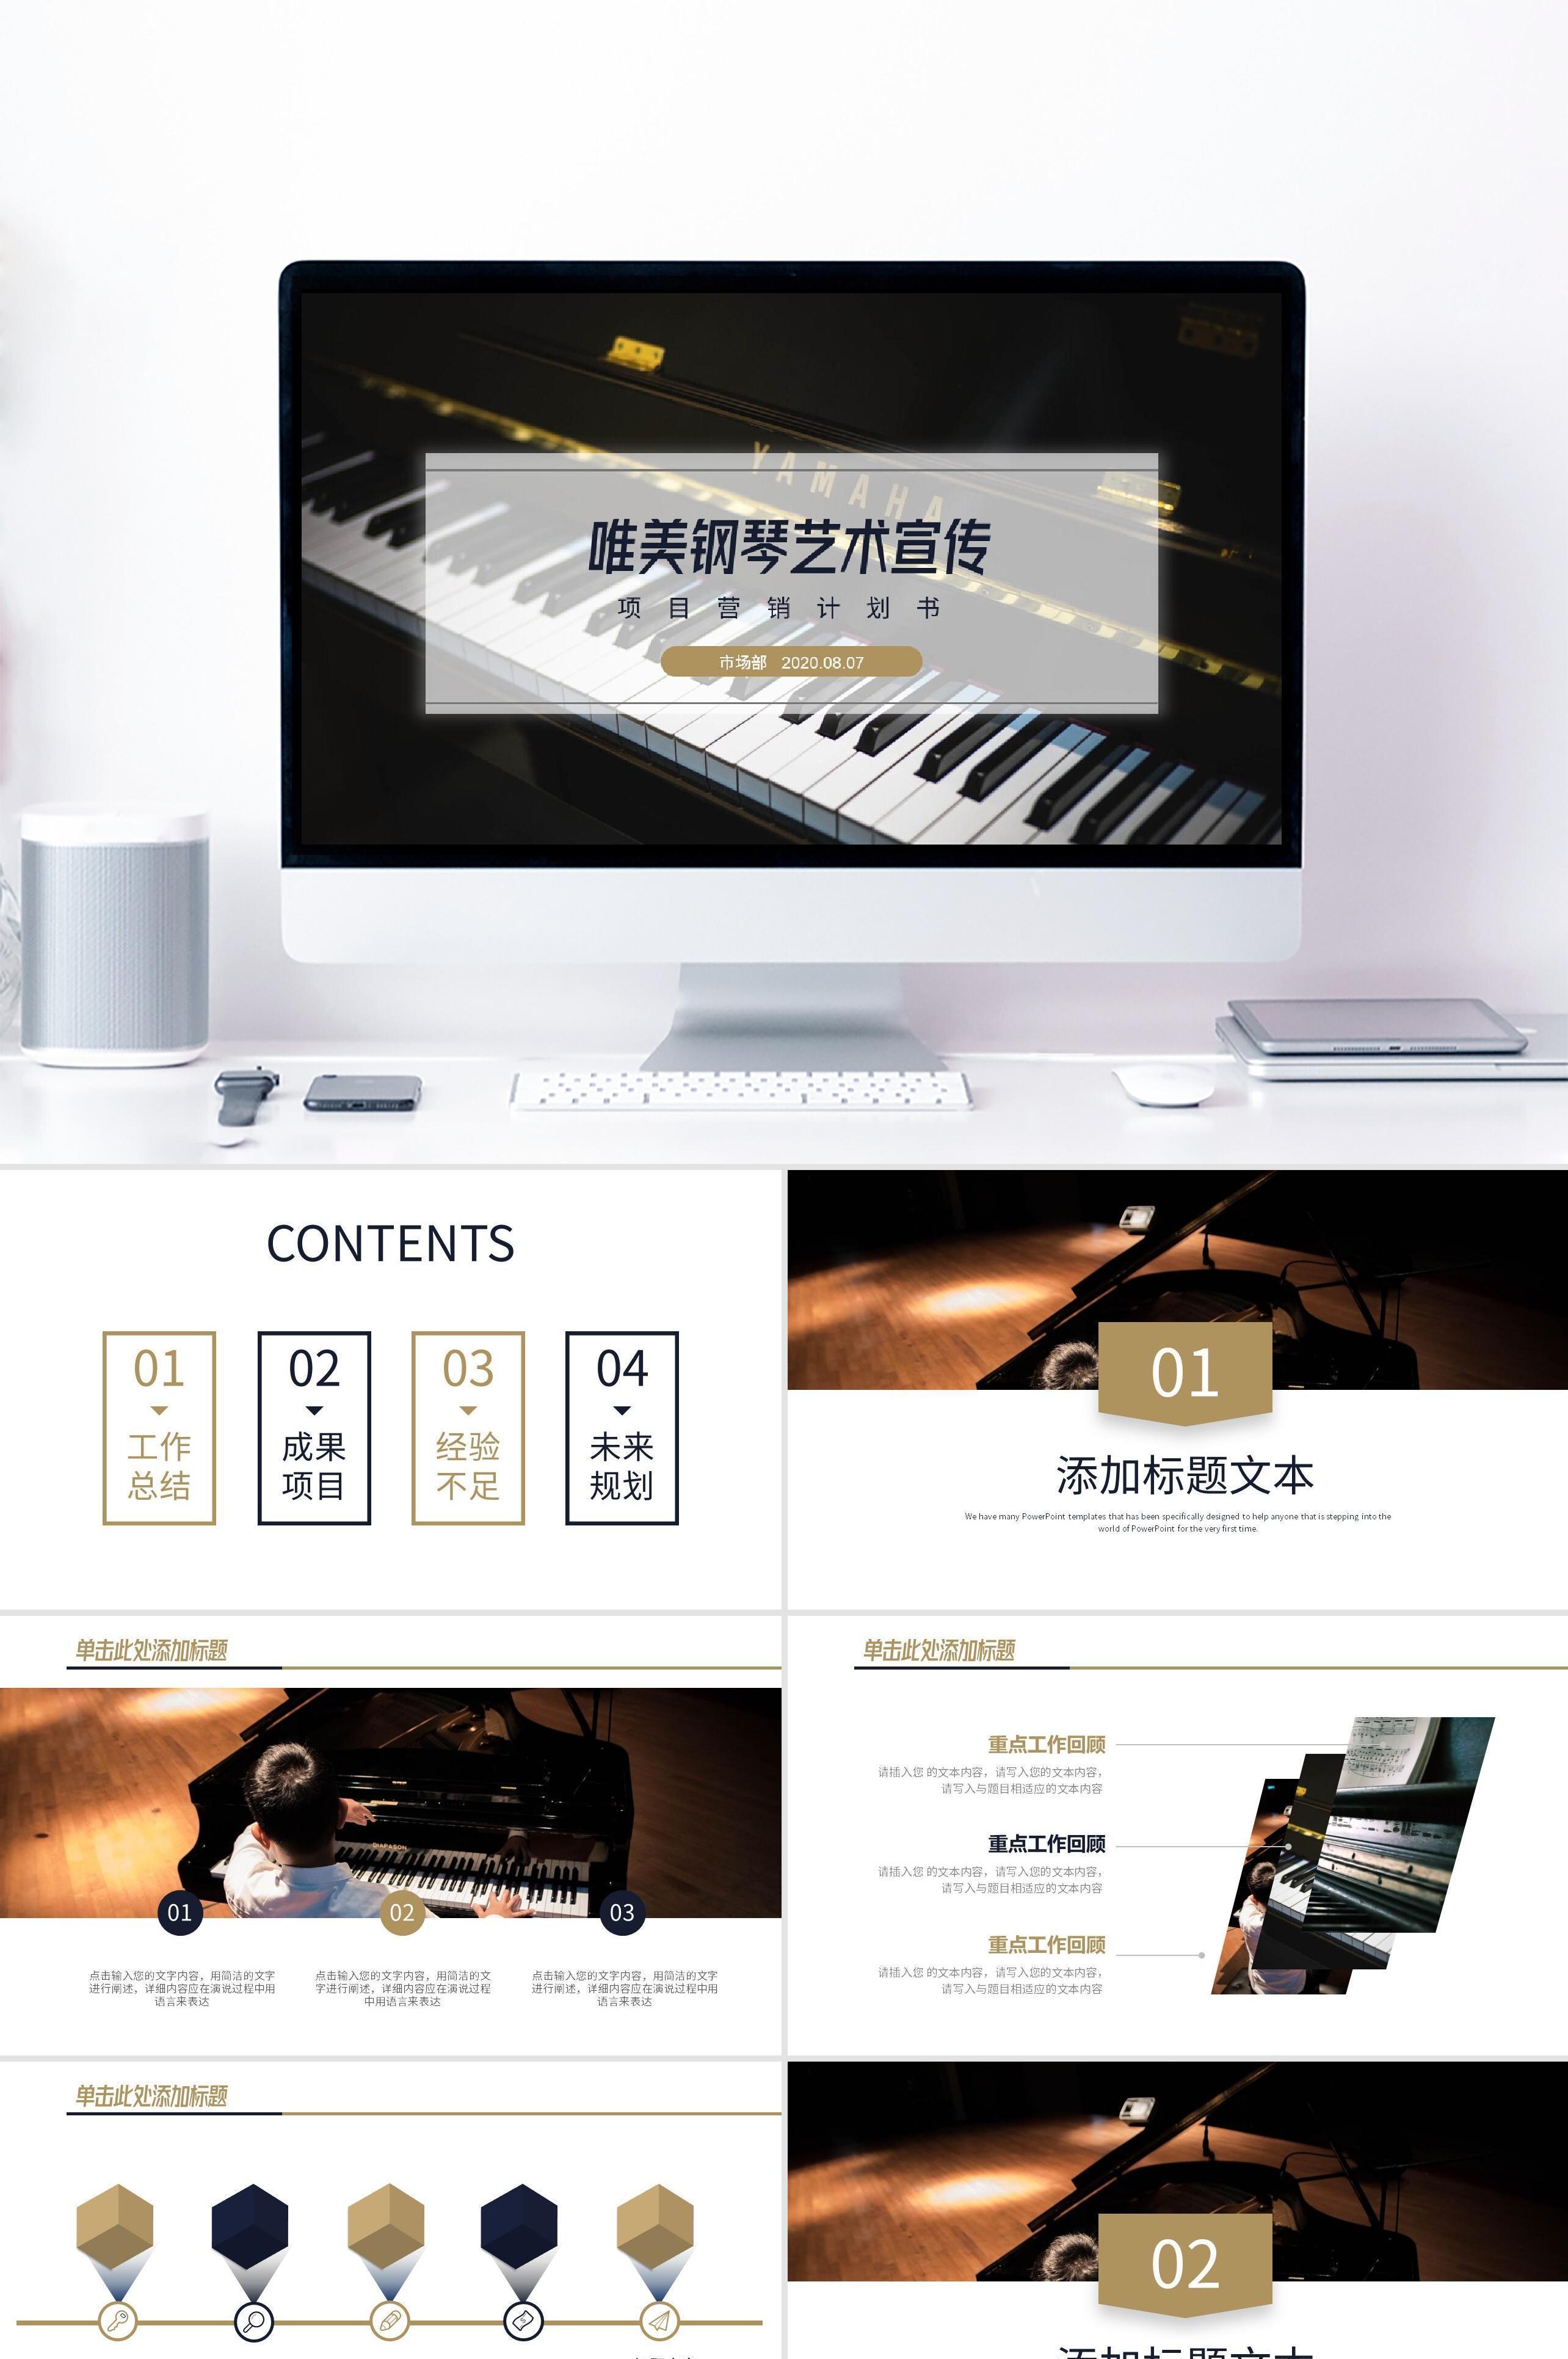 唯美钢琴艺术音乐培训总结PPT模板